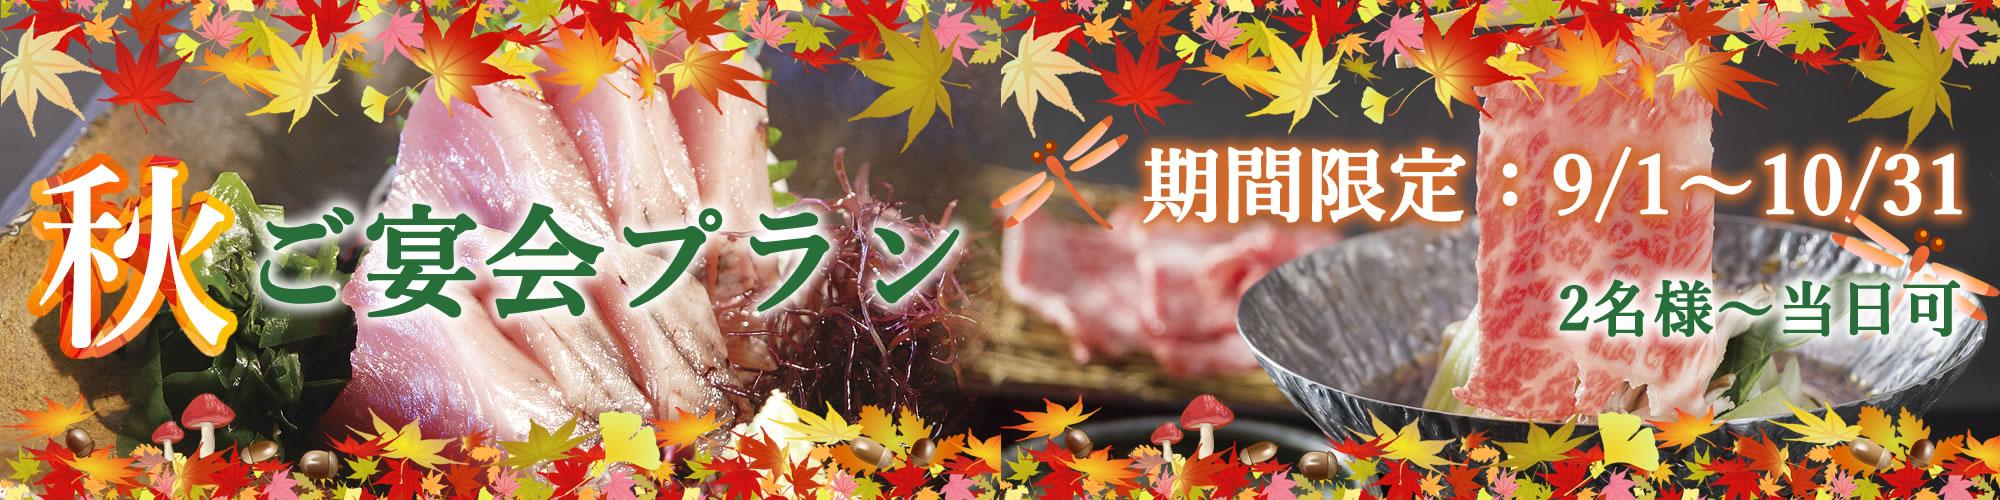 秋のご宴会プラン